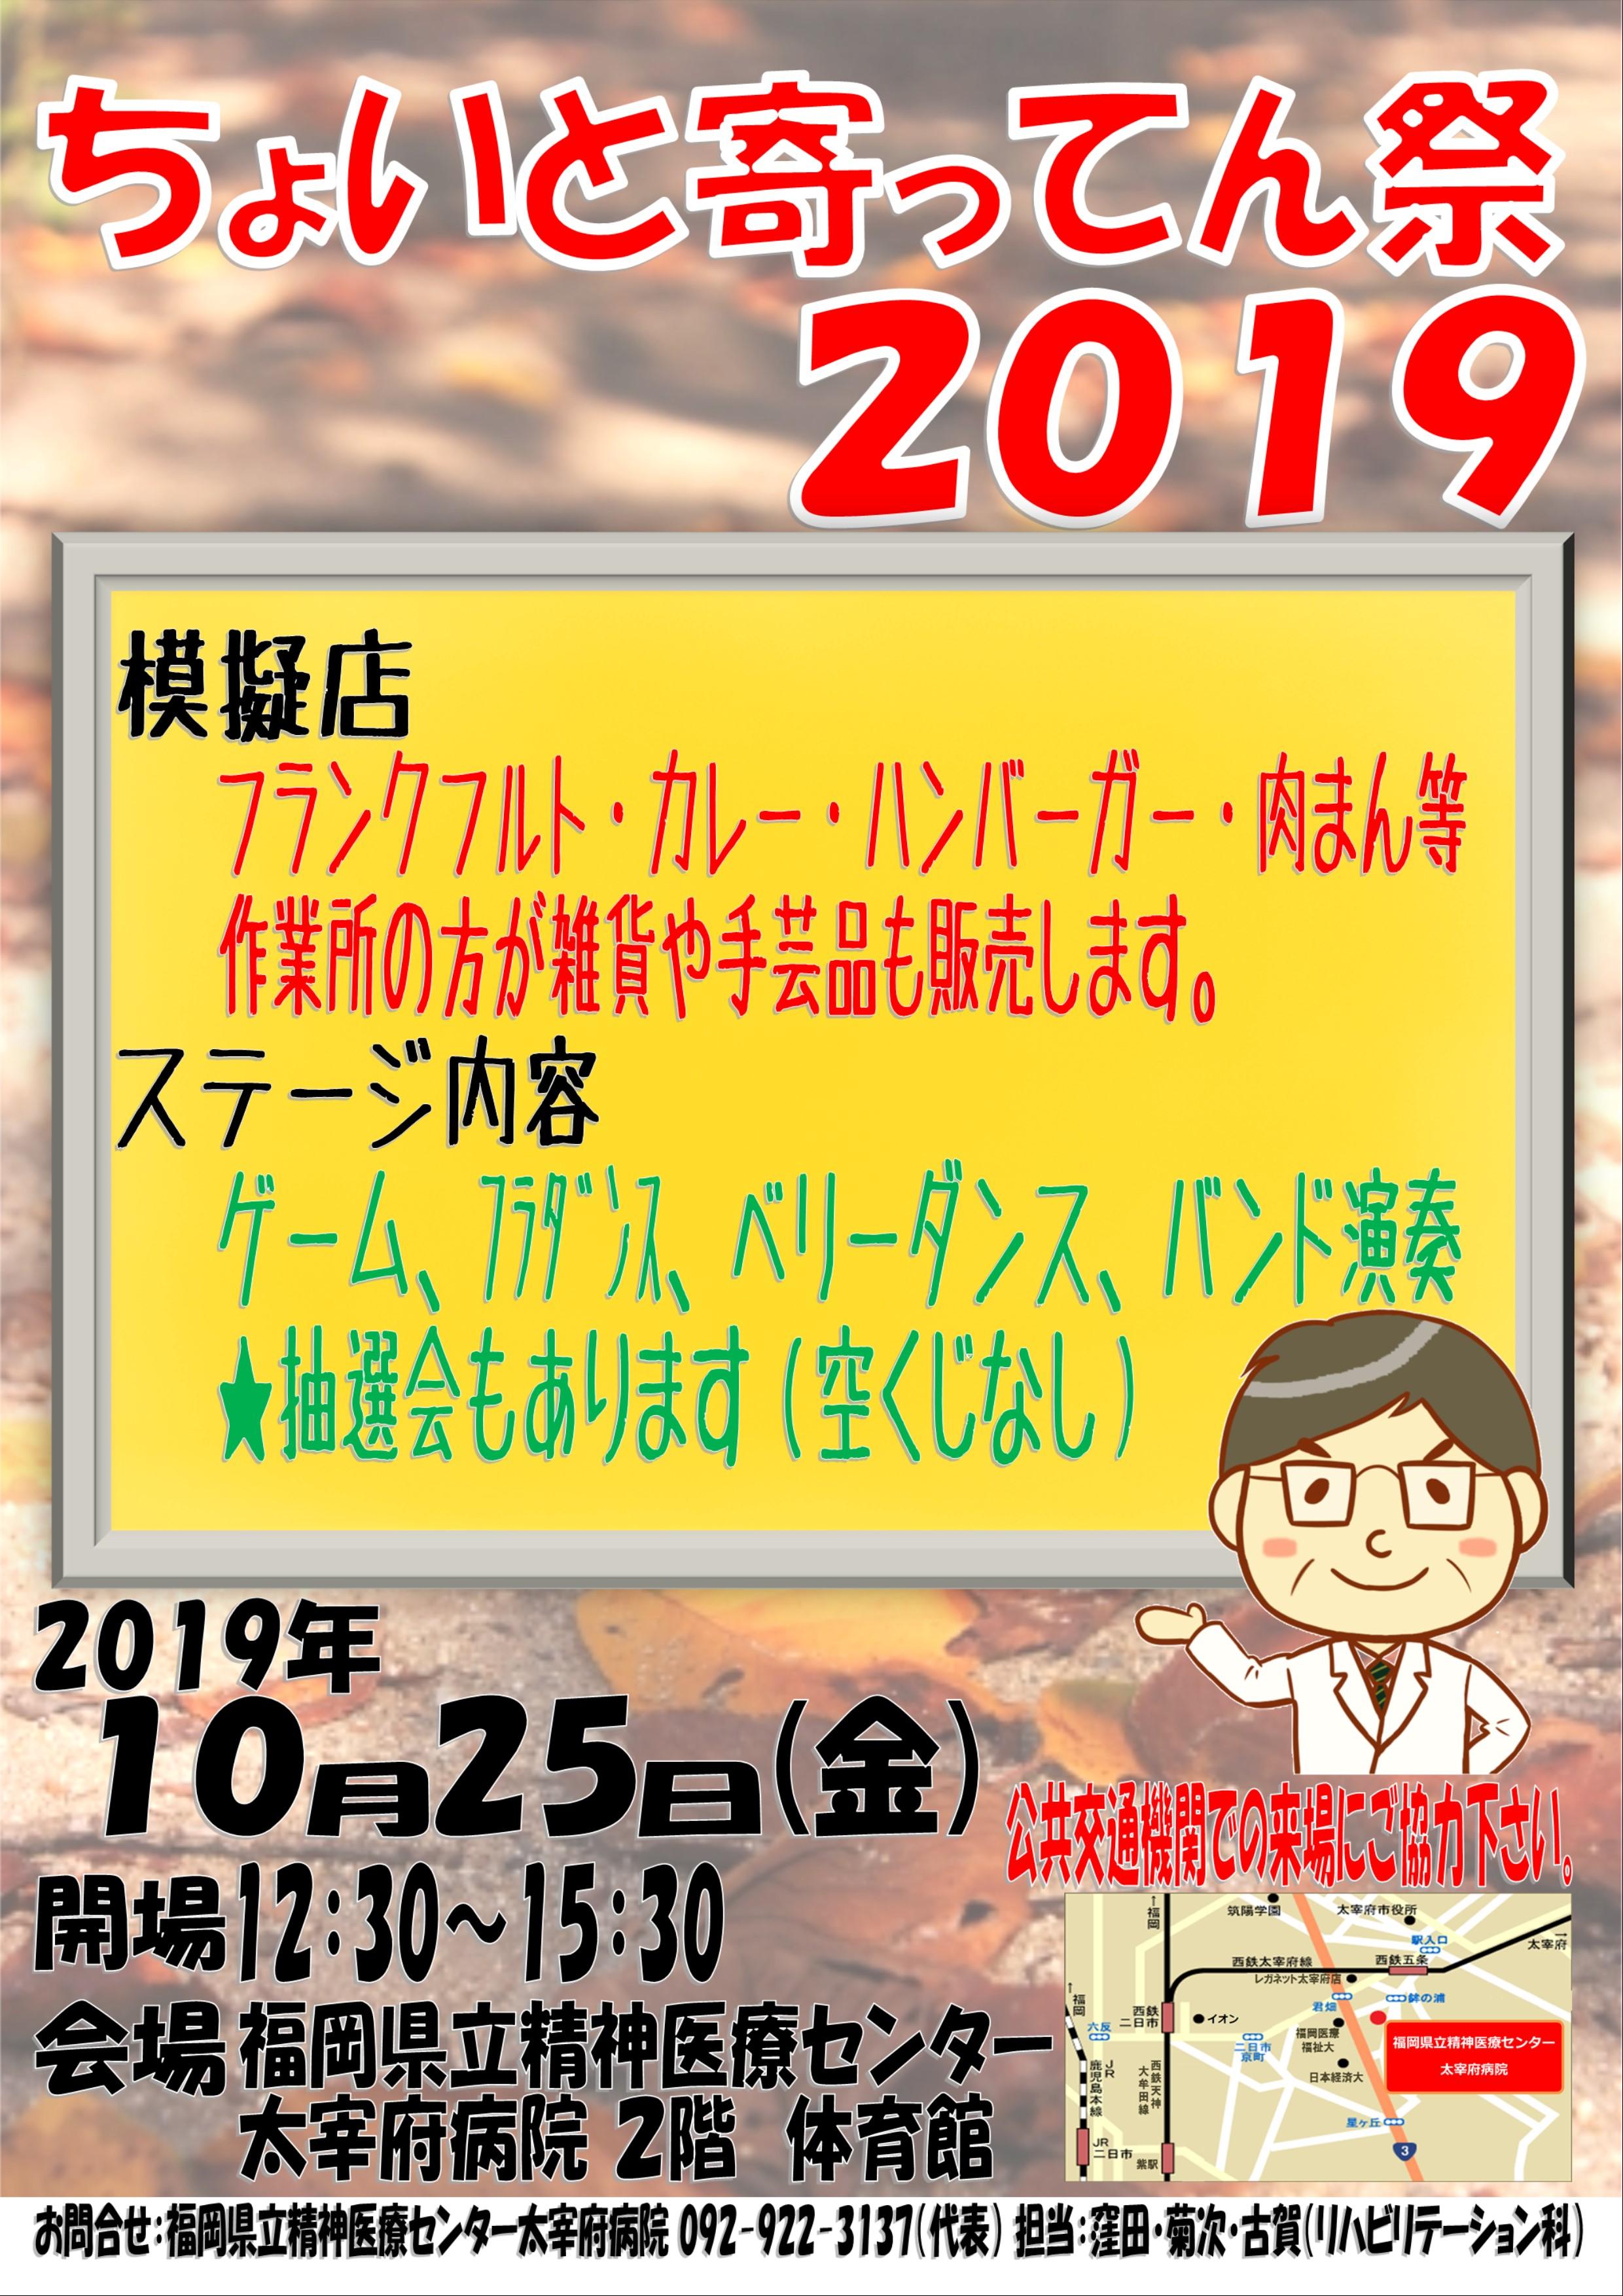 寄ってん祭2019